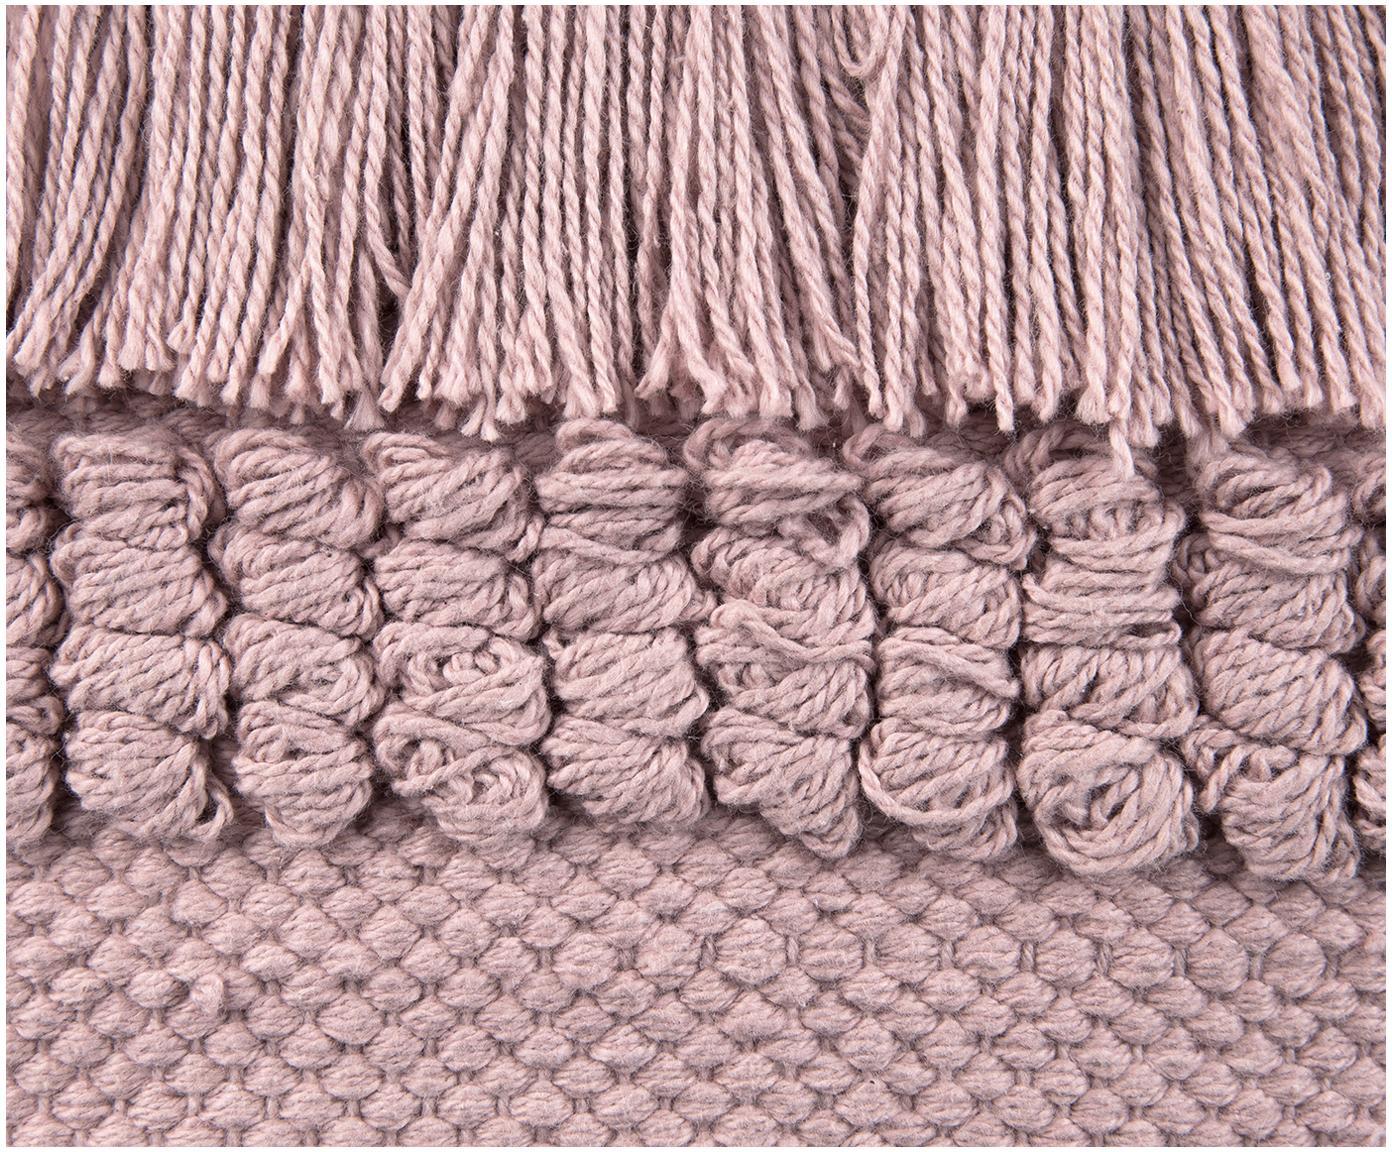 Poszewka na poduszkę Monika, 100% bawełna, Brudny różowy, S 30 x D 50 cm